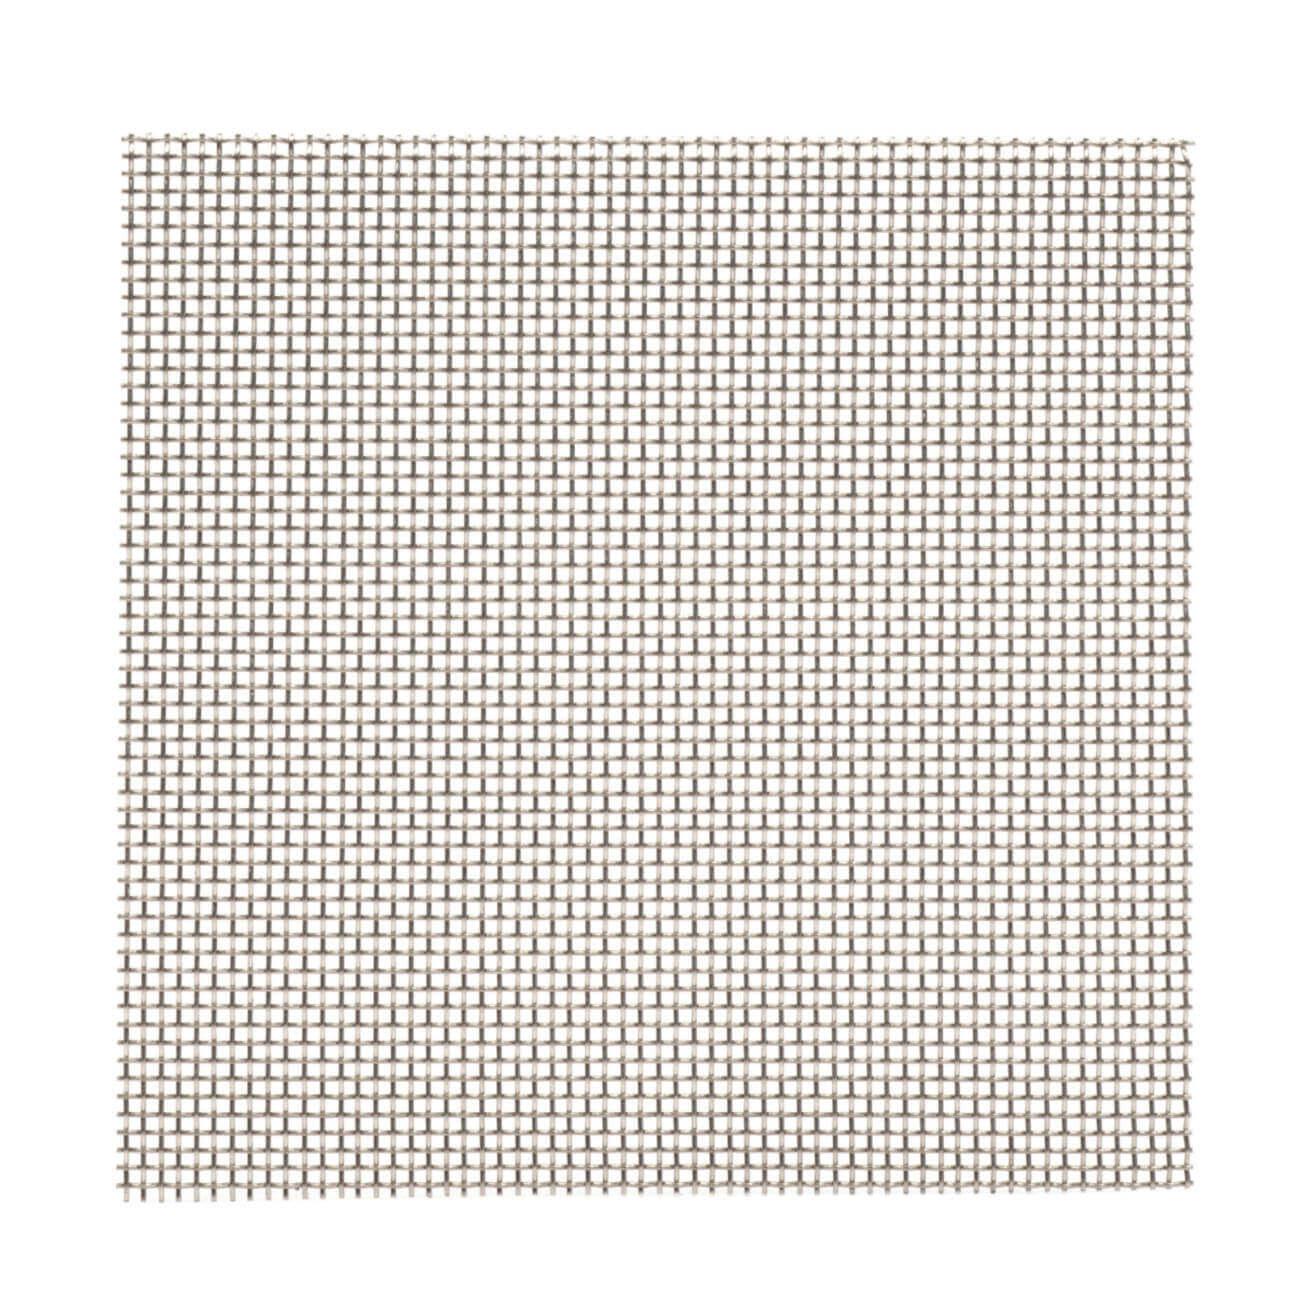 M01424 Fine Woven Wire Mesh Per Metre: 1.25 Openings